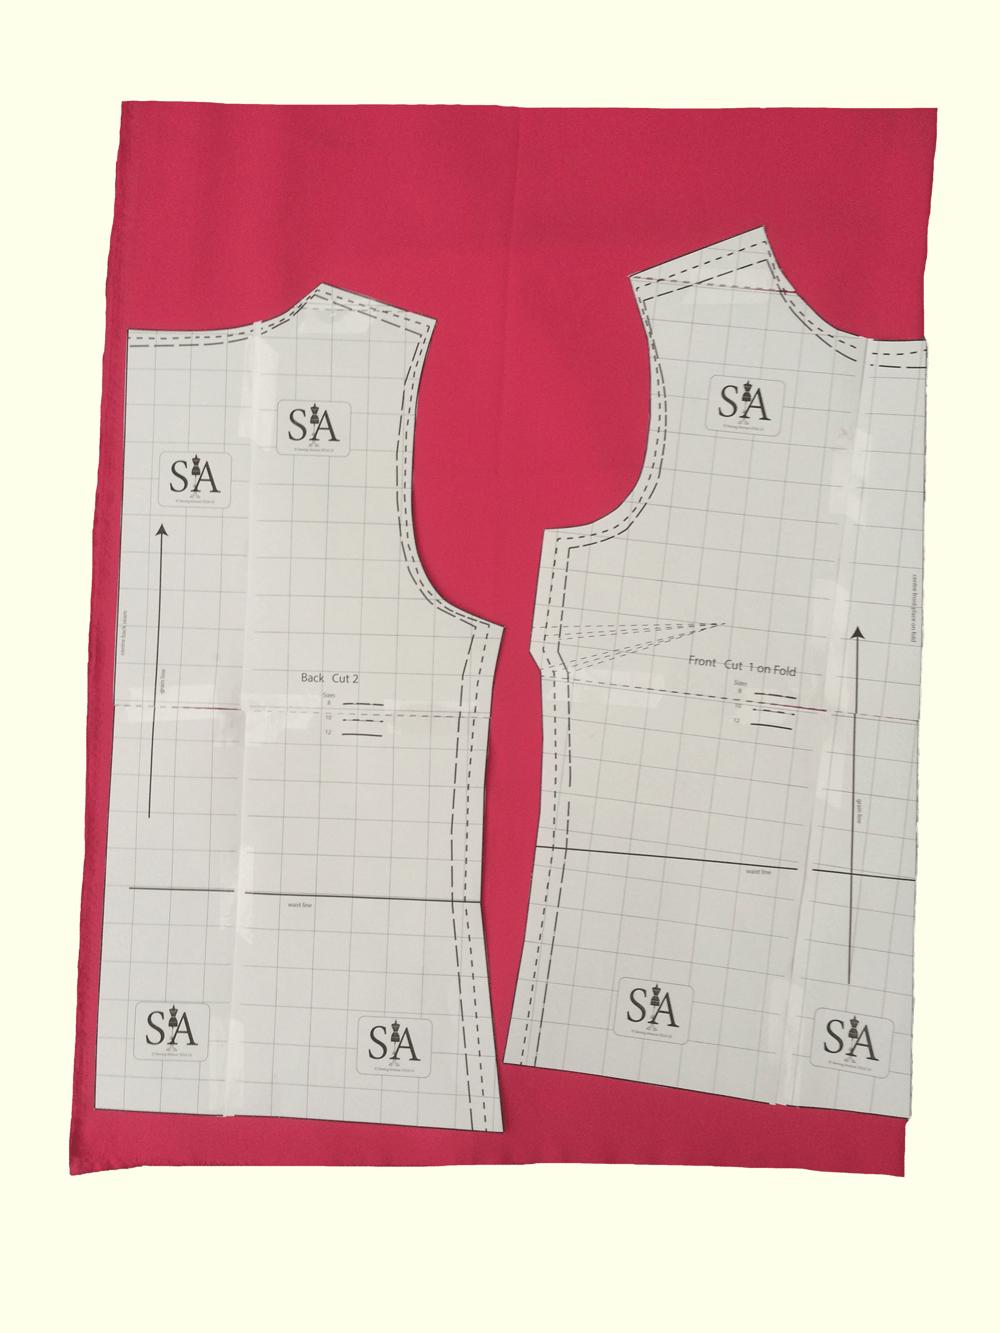 Free Download Sewing Patterns Pdf - Sewing Avenue - Free Printable Sewing Patterns Pdf